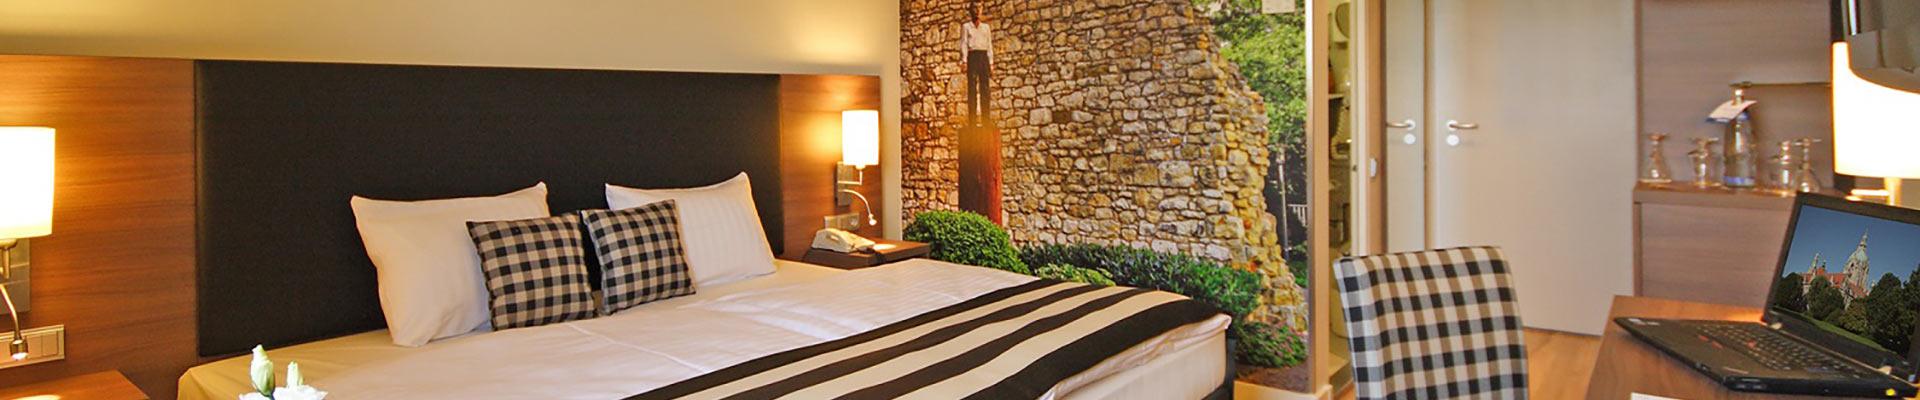 Zimmer congress hotel hannover for Zimmer hannover